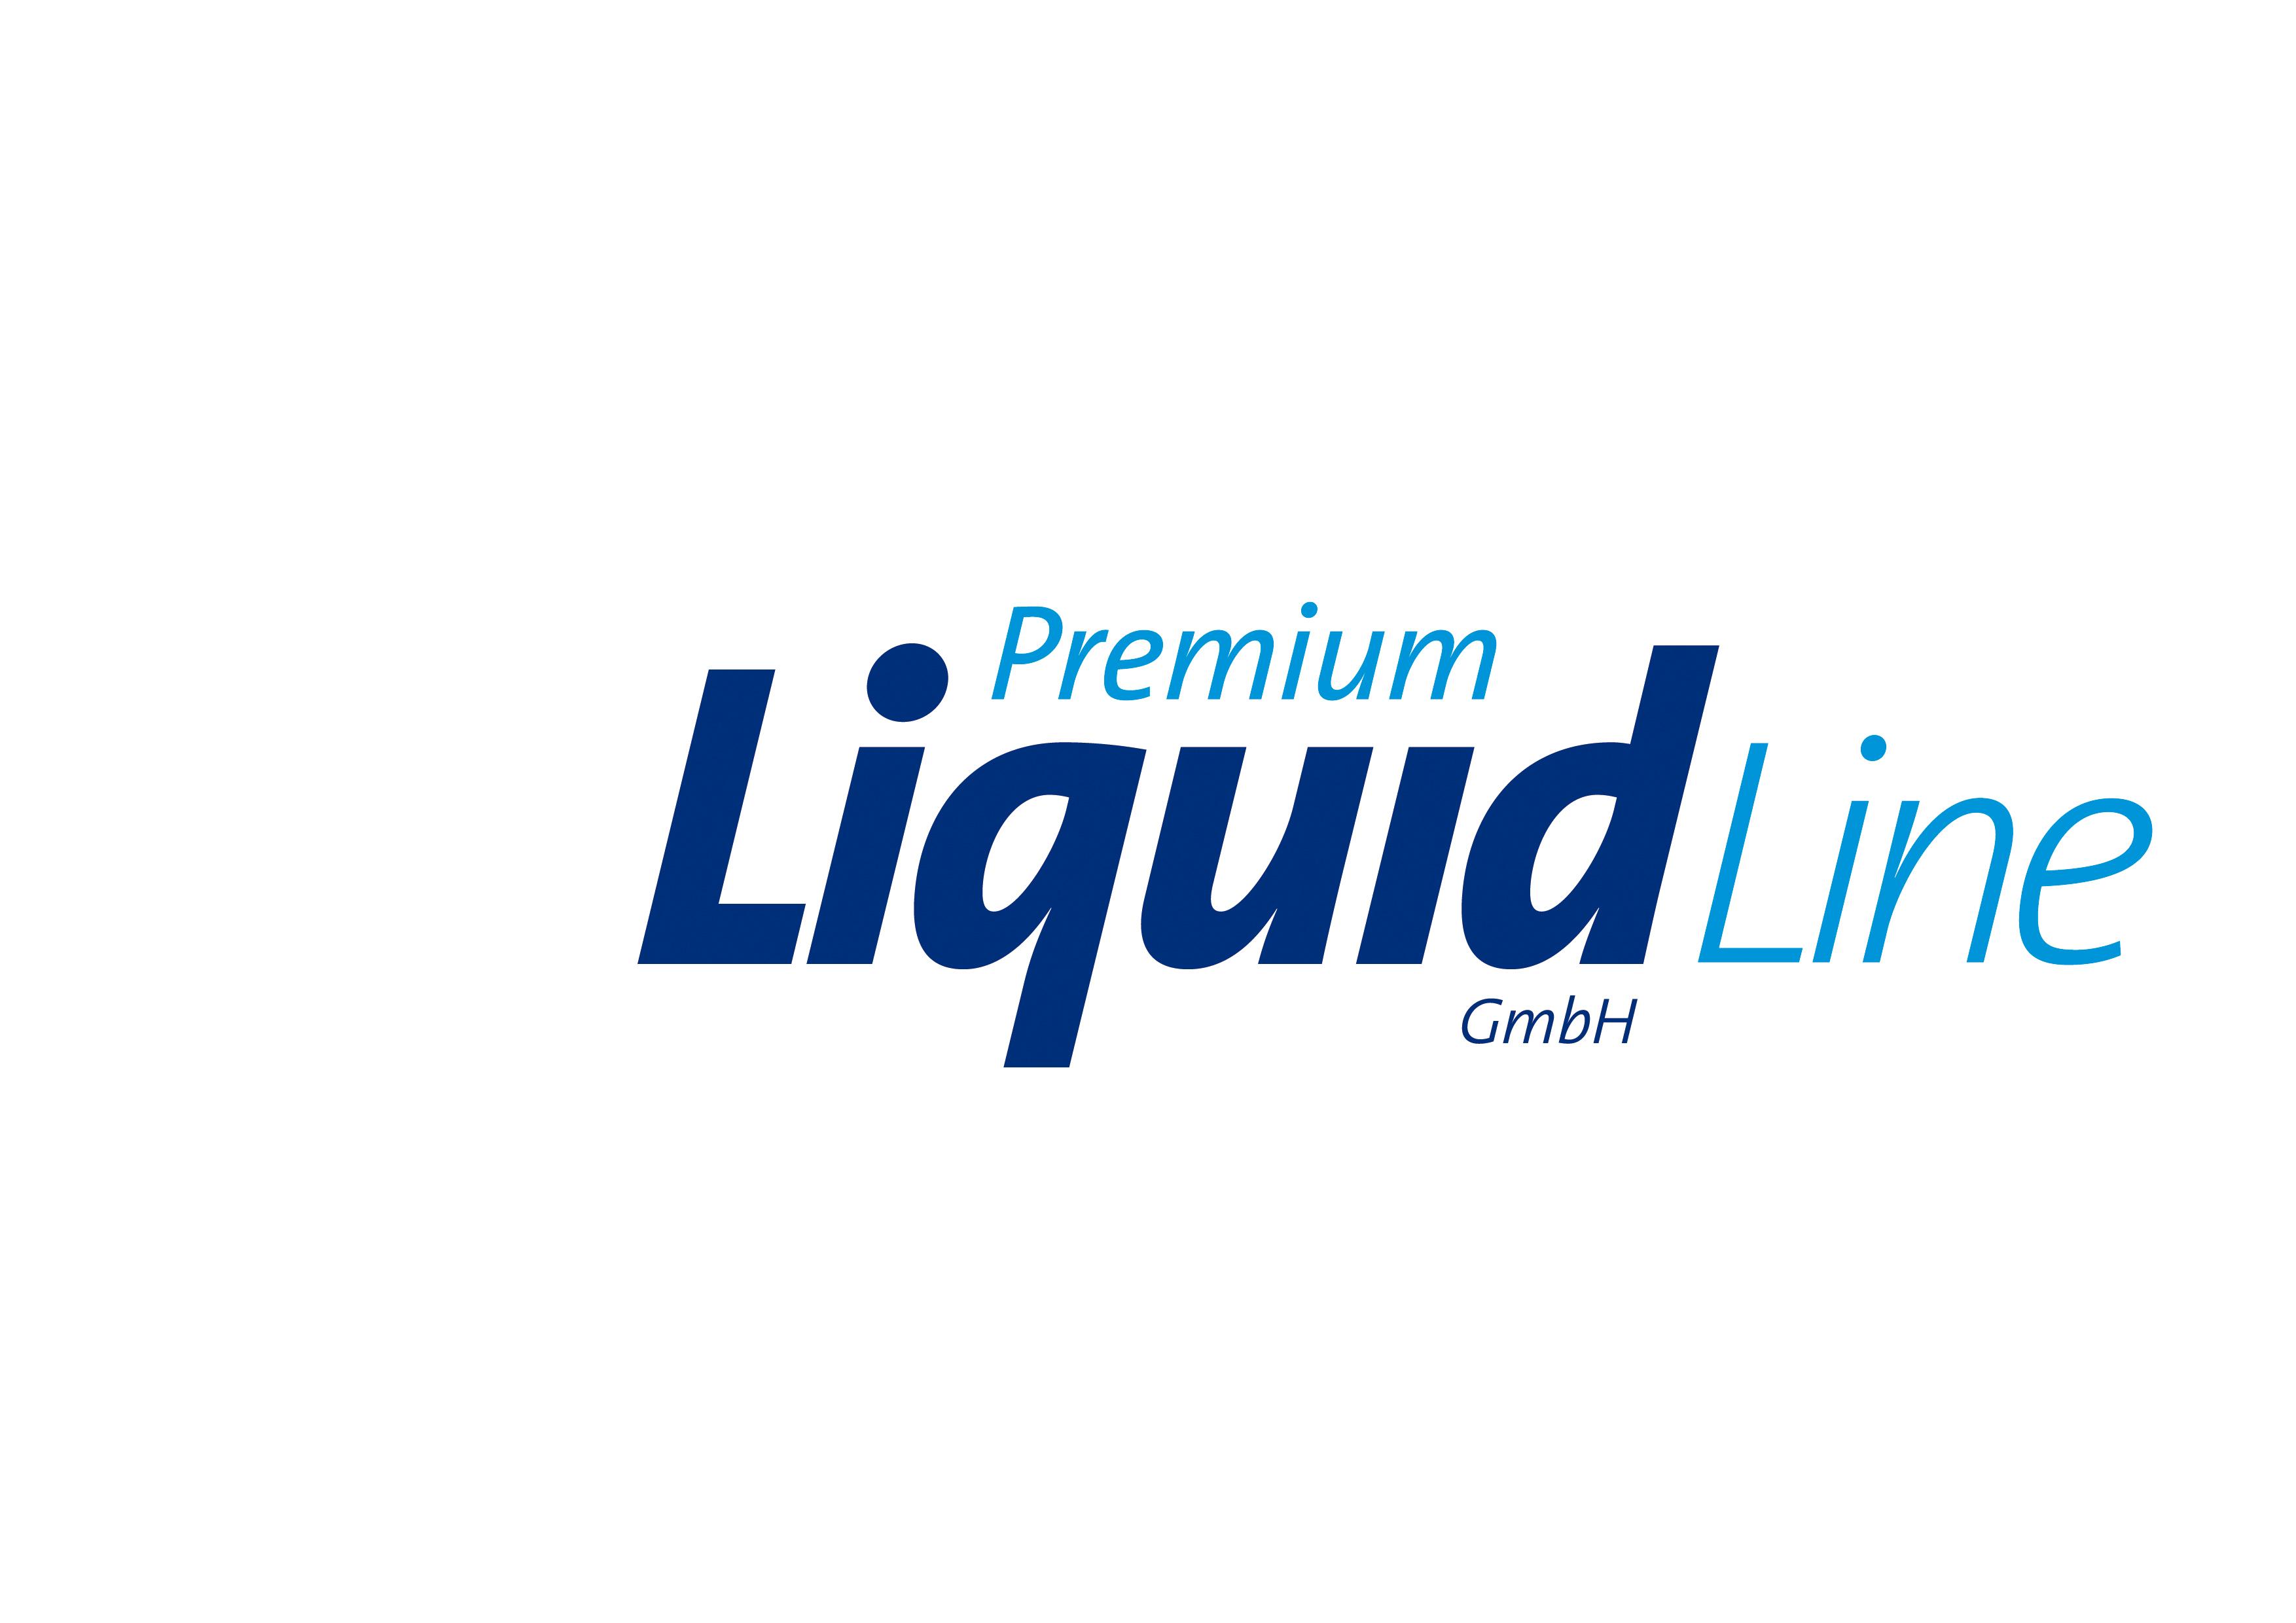 Premium Liquid Line GmbH